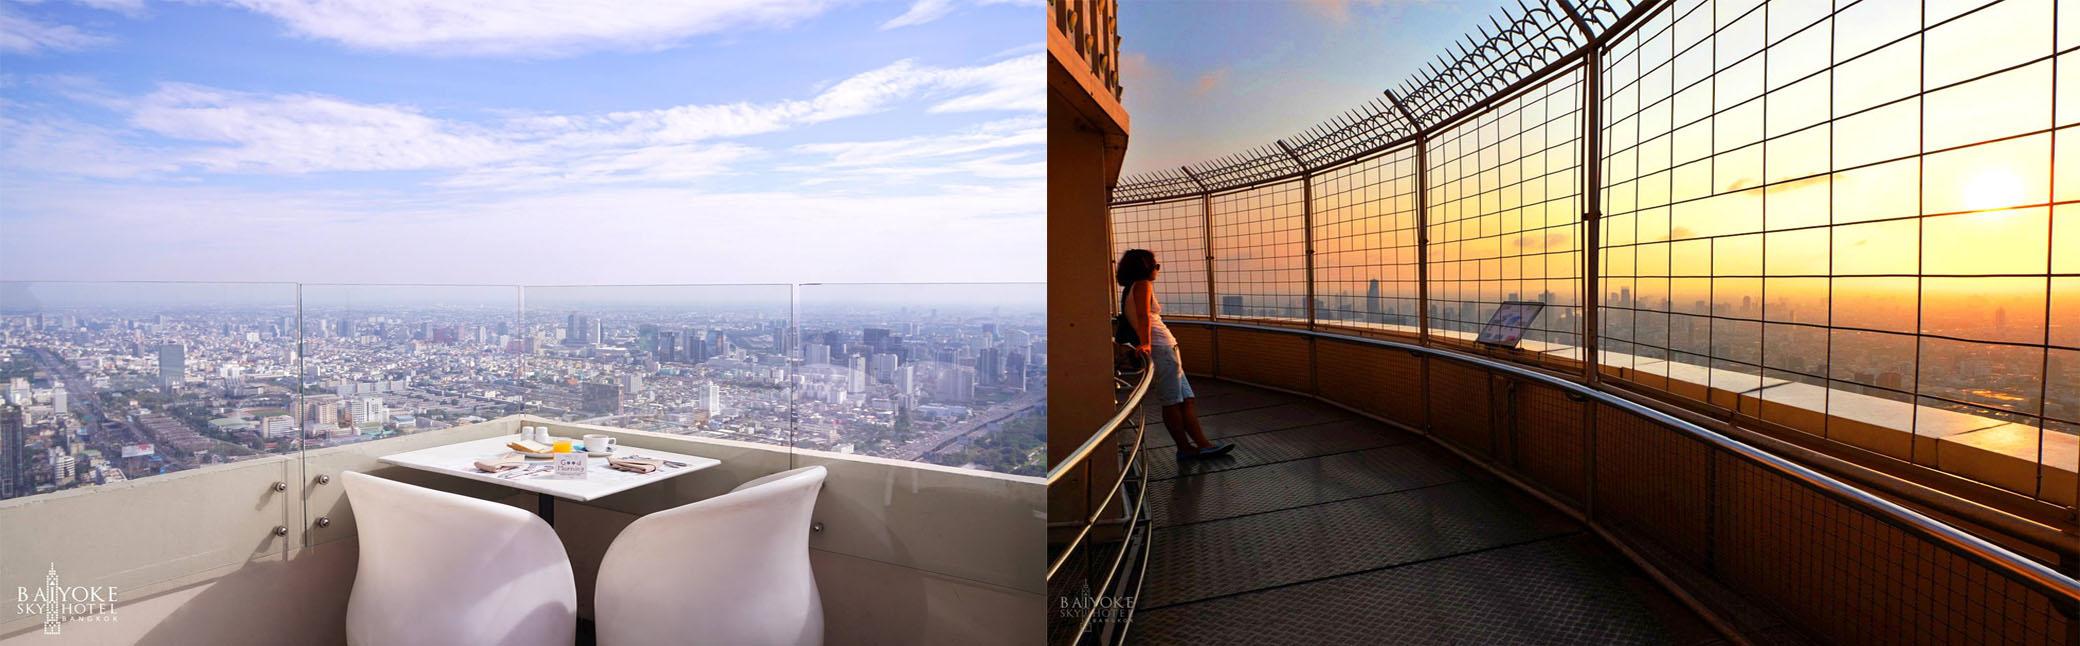 บุฟเฟต์สูงเสียดฟ้า ใบหยกสกายส์ ชั้น 81 Outdoor Skybox ทะเล ซาซิมิ สเต๊ก ฟัวกราส์ @BAIYOKE